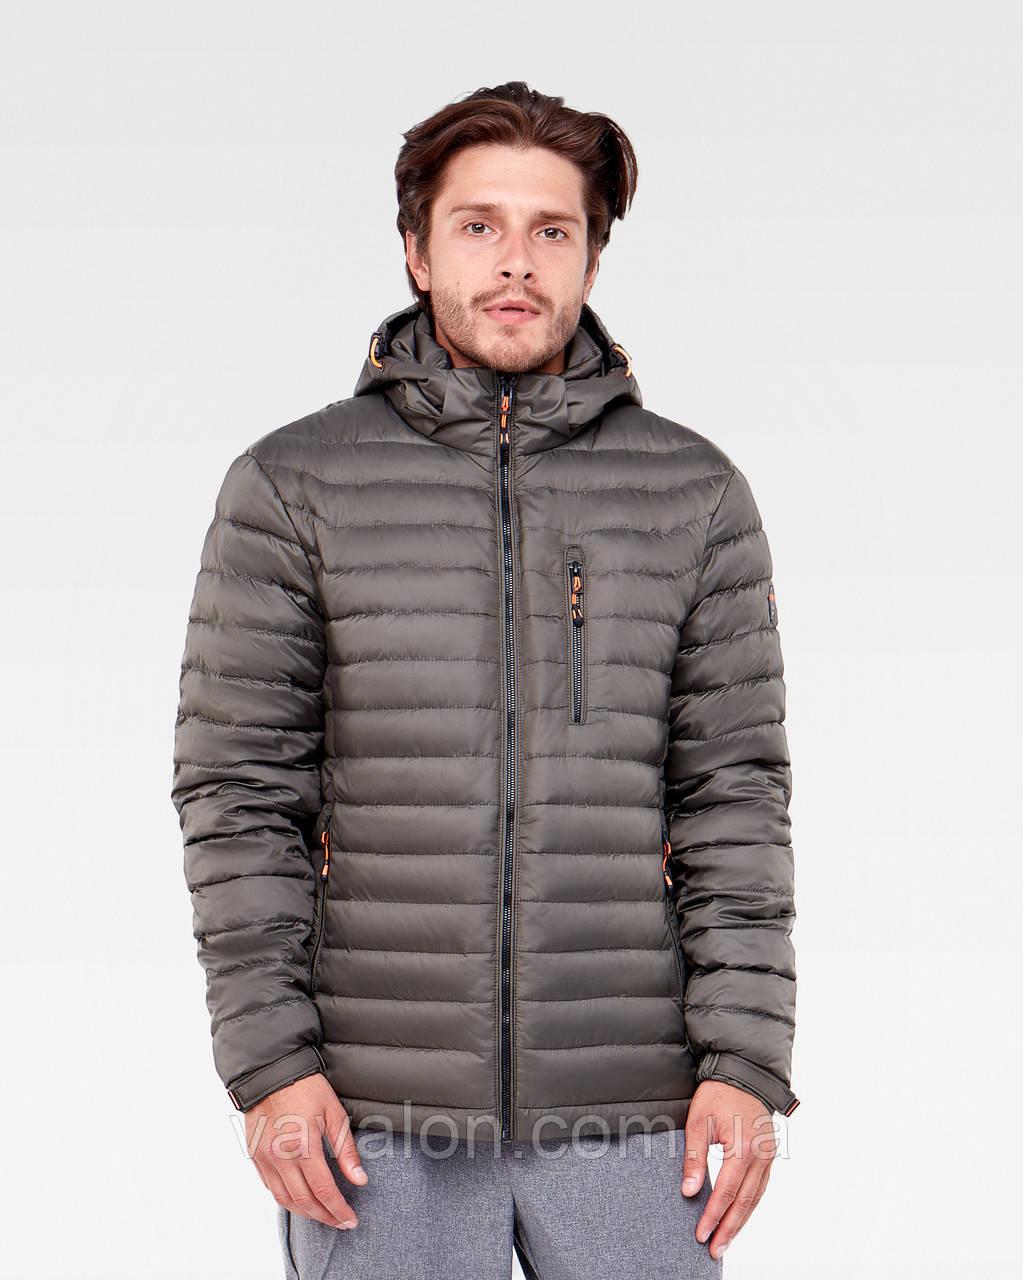 Куртка демисезонная Vavalon KD-908 Khaki